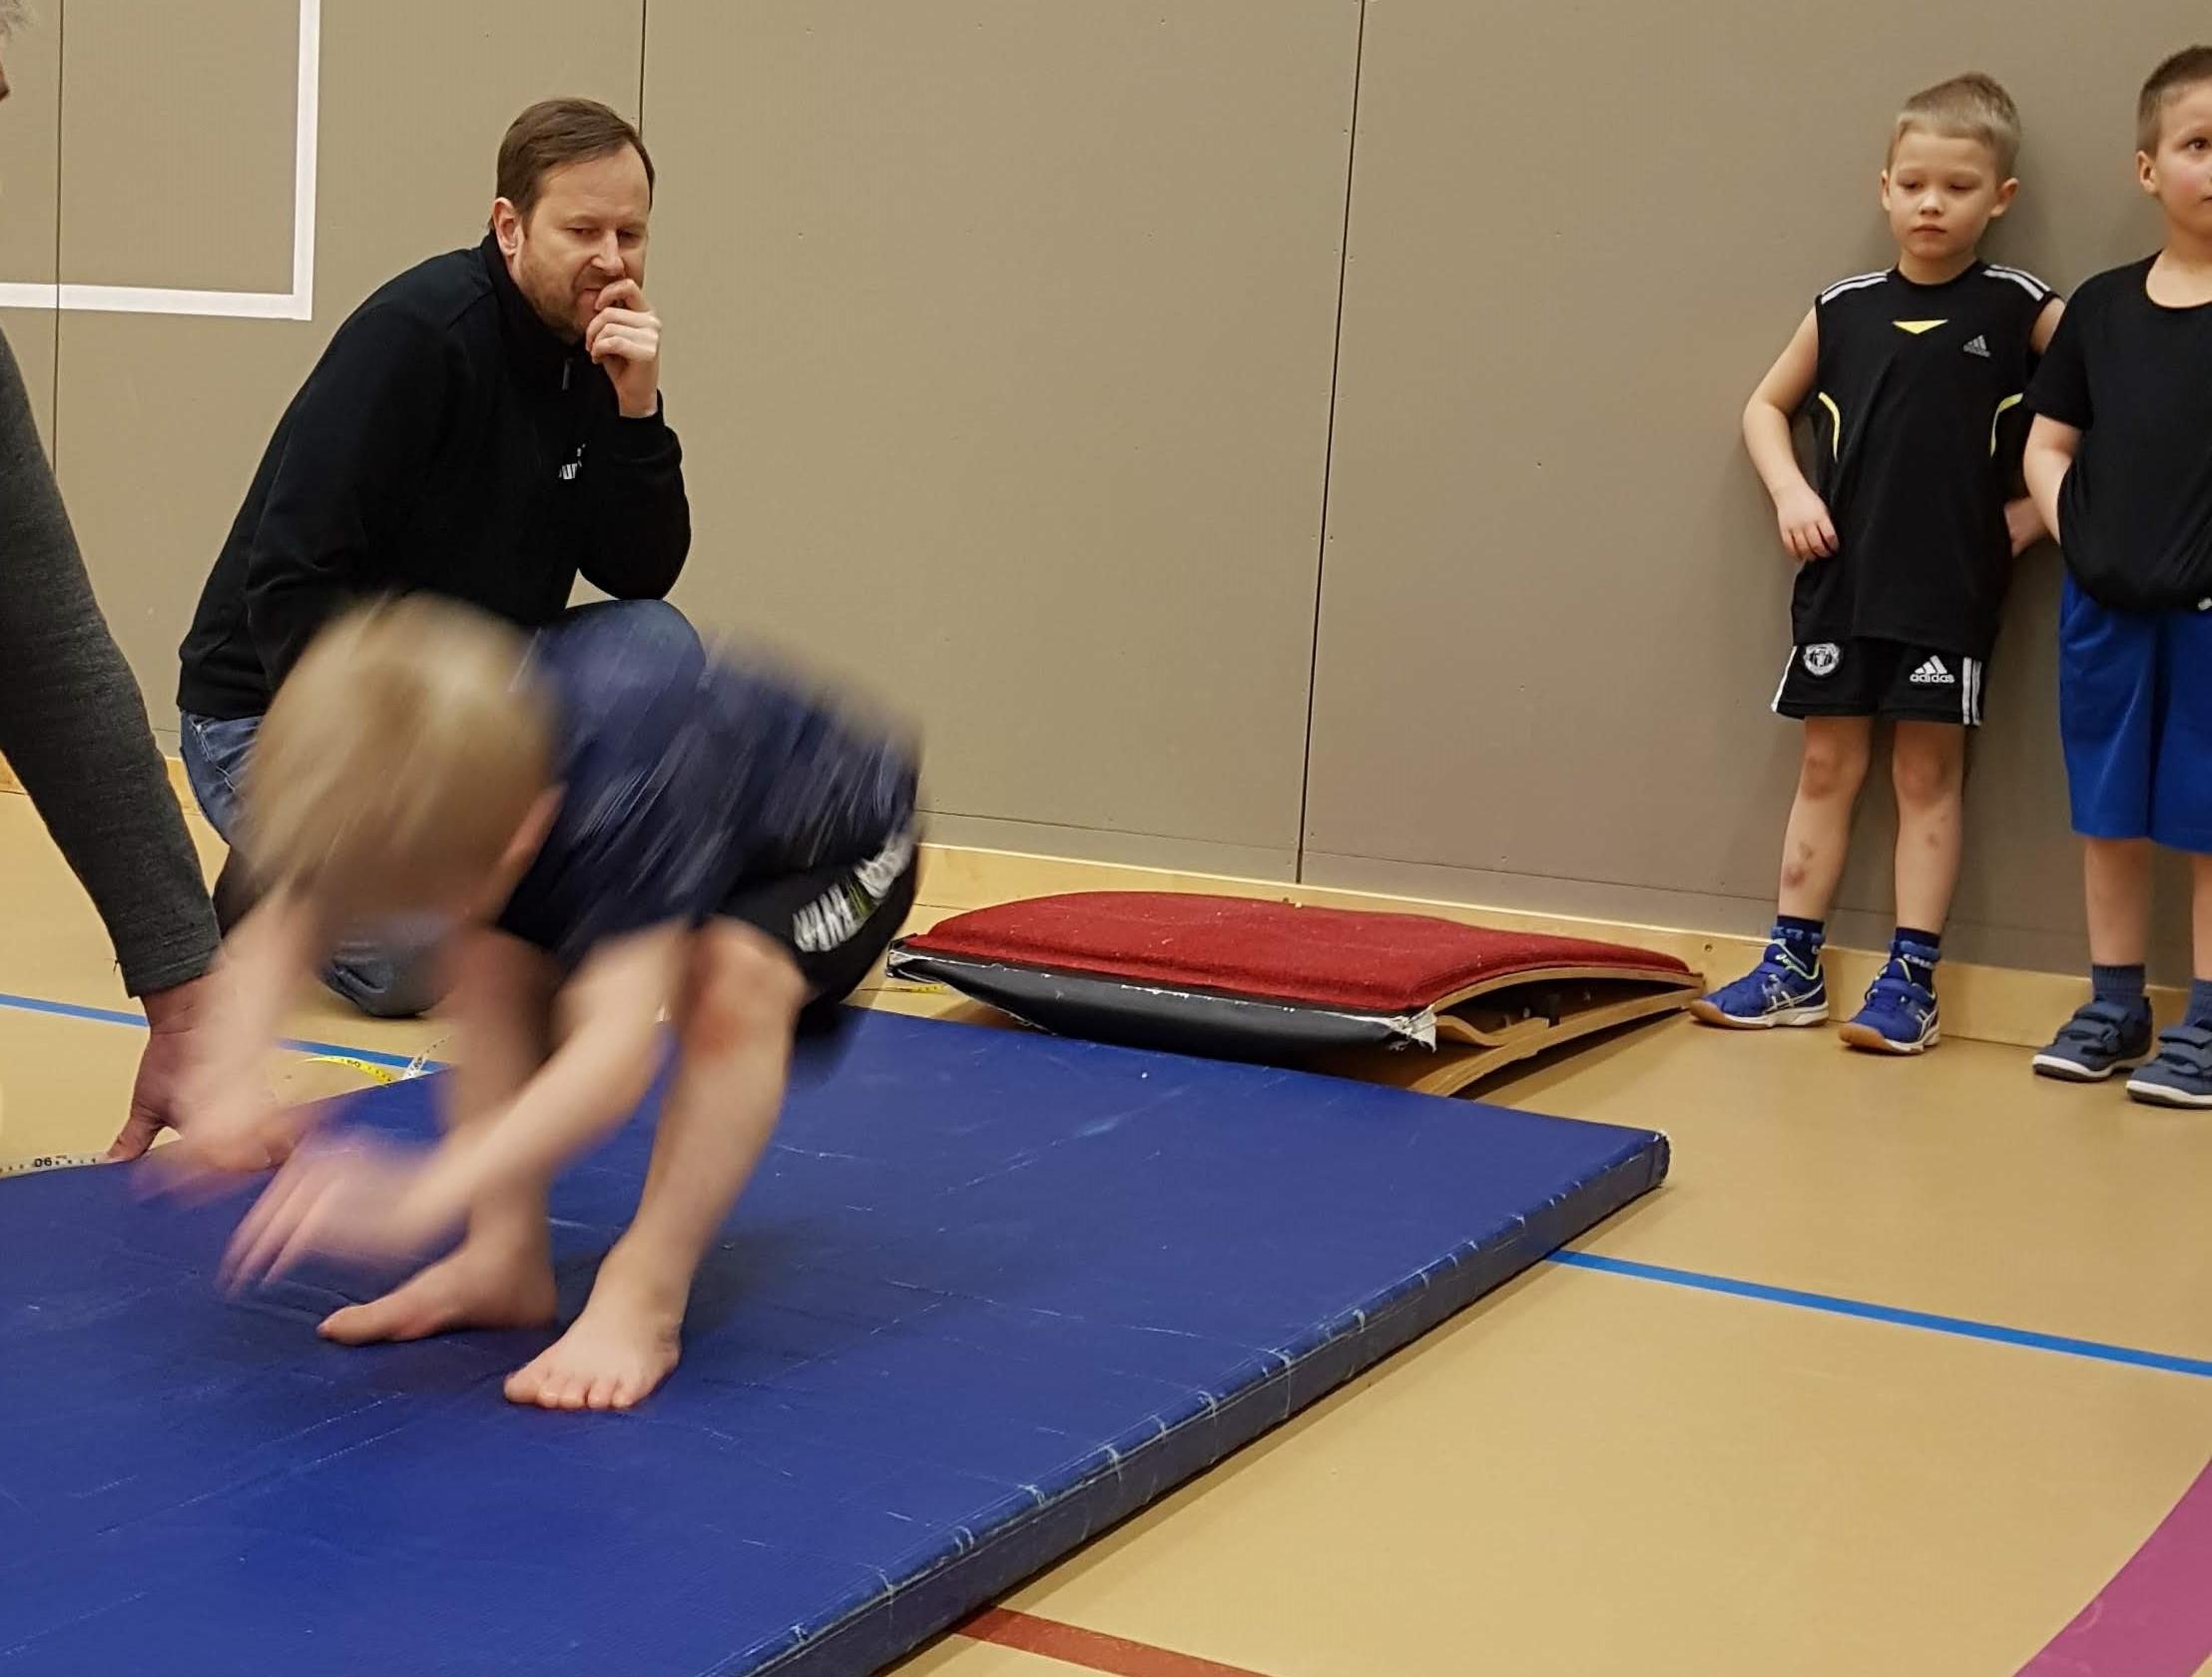 Lasten hallikisat ke 6.3. urheilutalolla